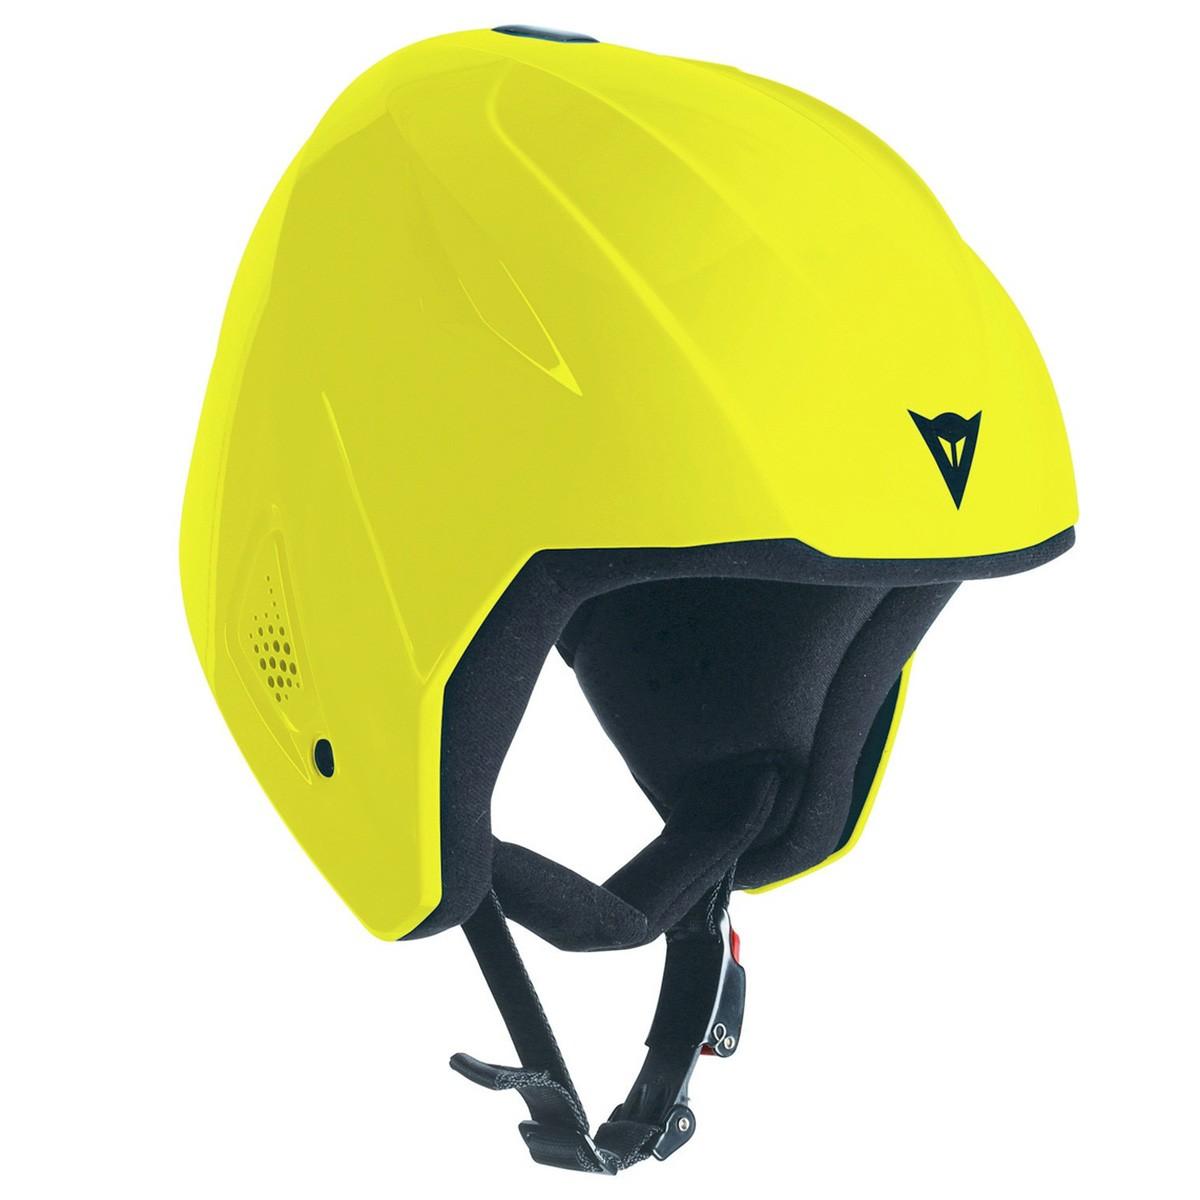 Casco sci Dainese Snow Team Jr Evo (Colore: giallo, Taglia: 56)